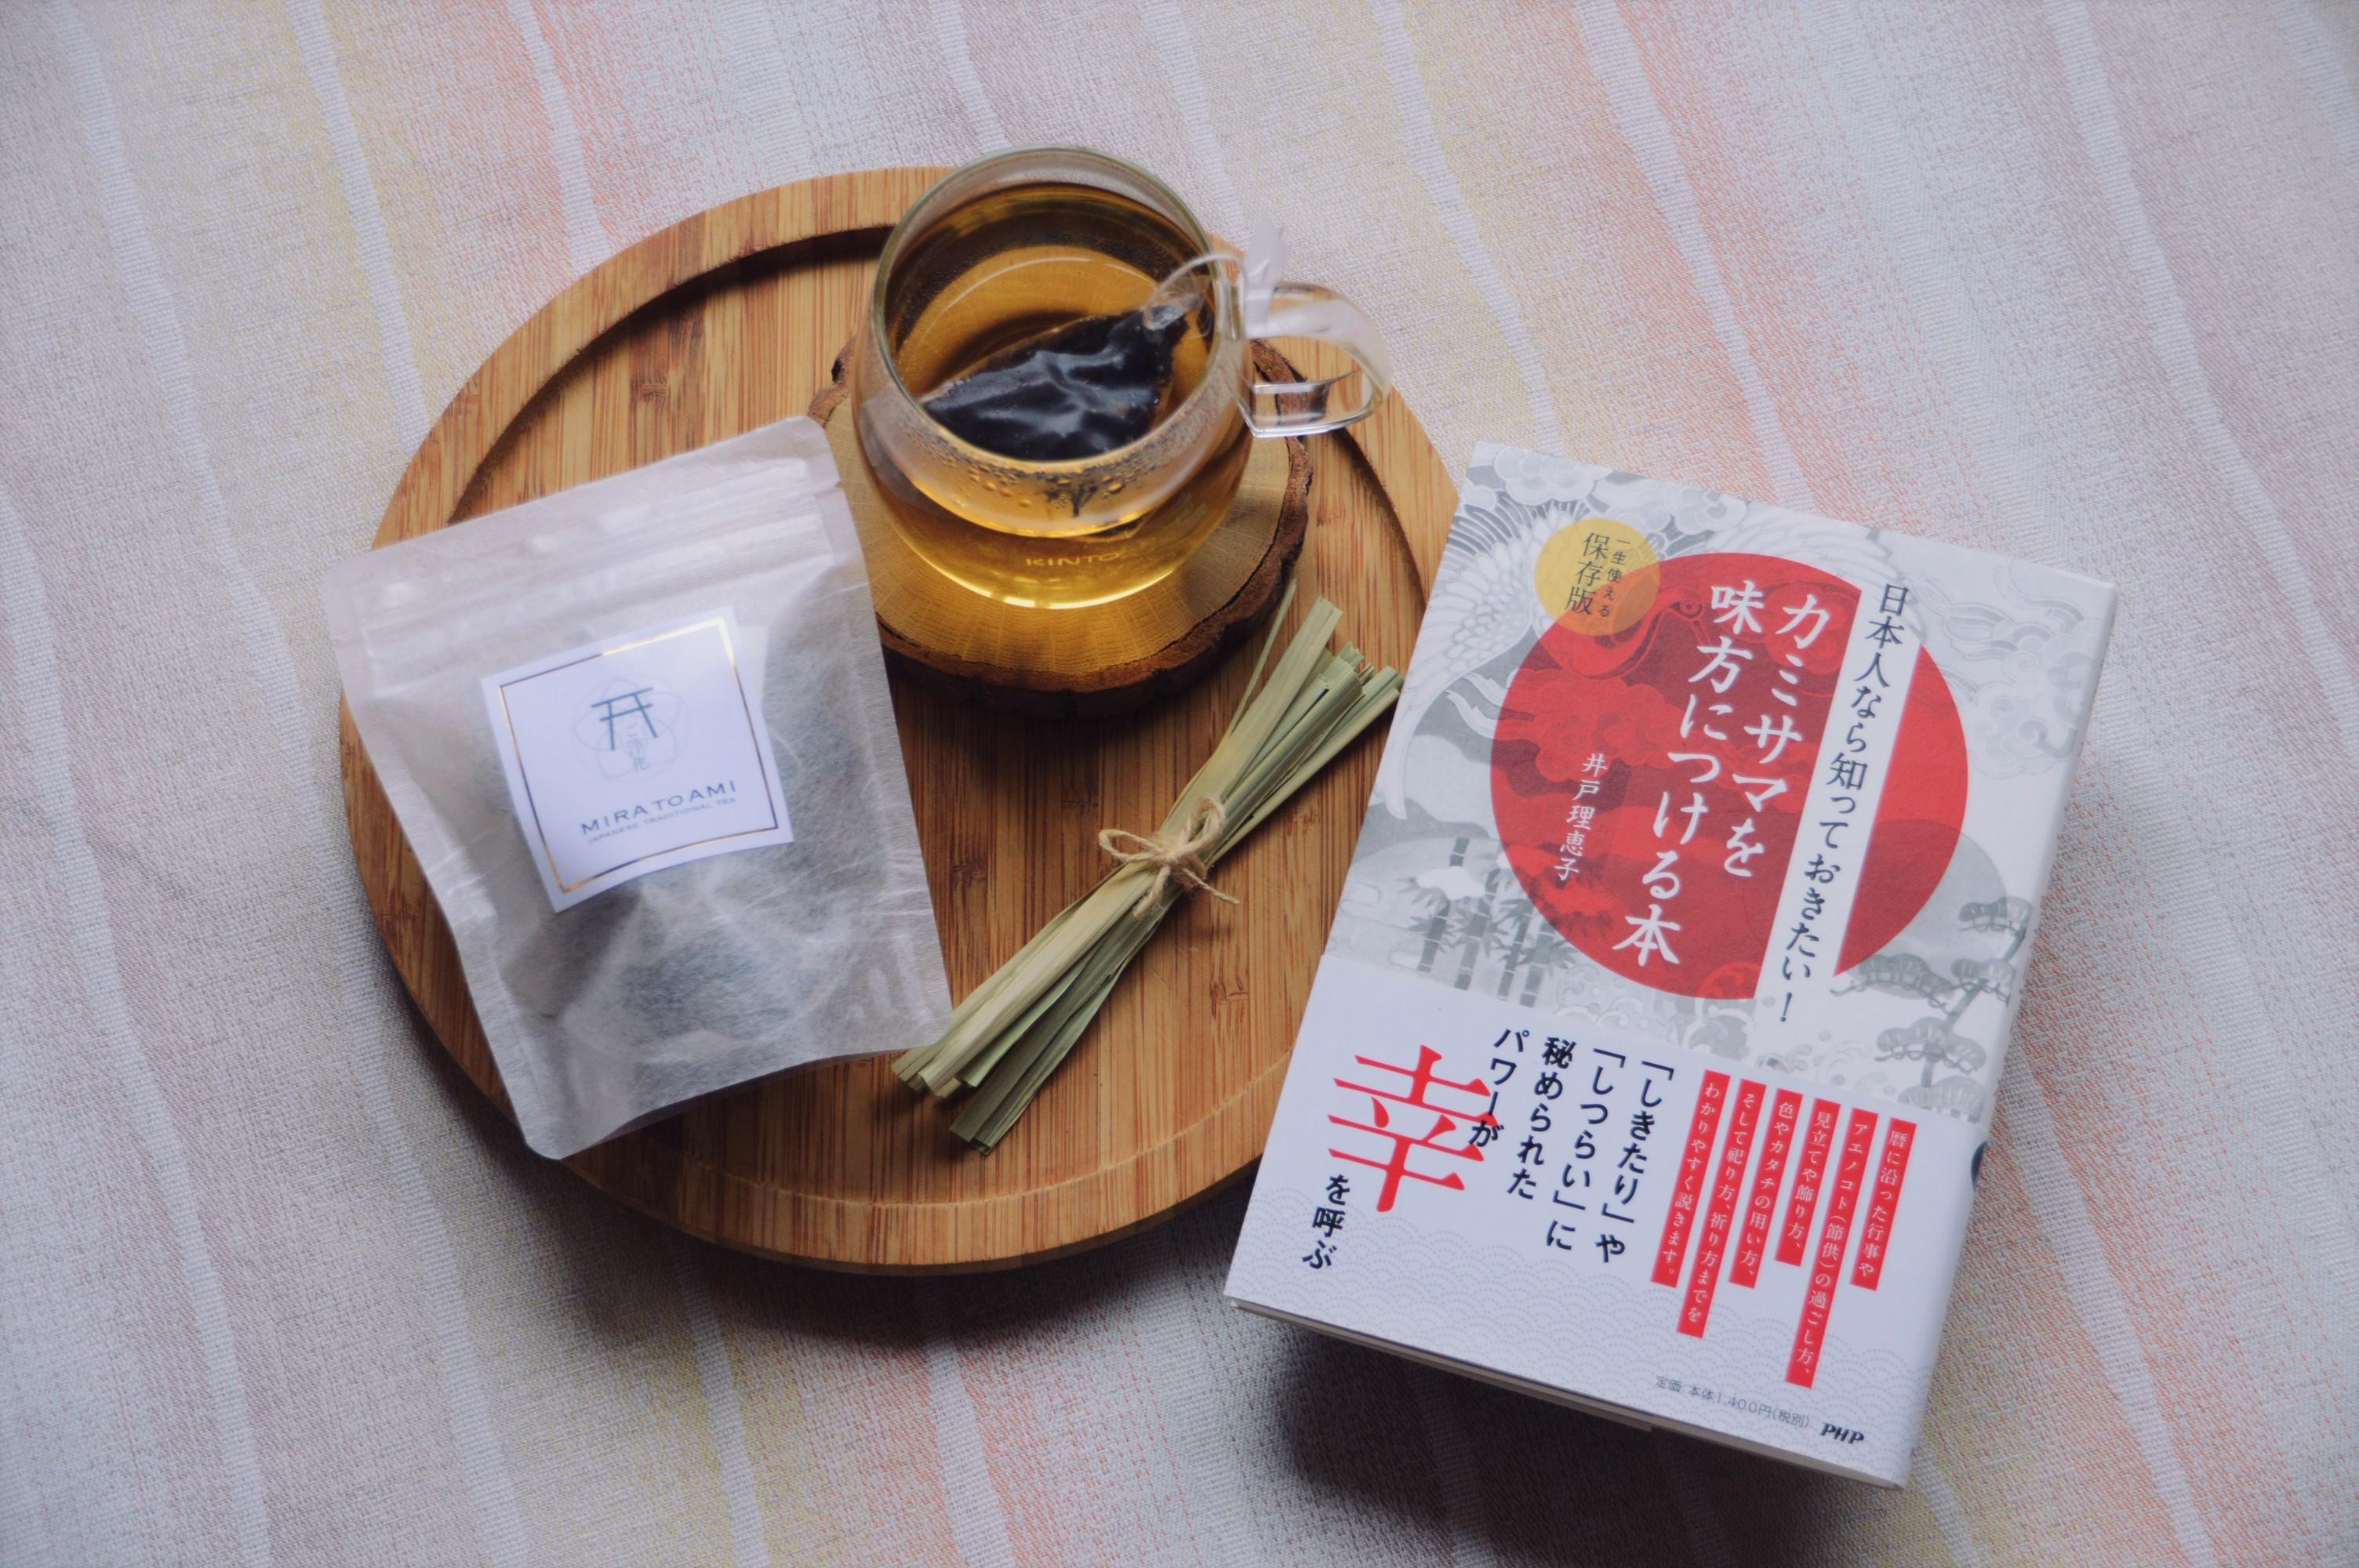 大好評につき送料無料の本とお茶セット6月verはマコモ茶ティーパックと一緒にお届けします^^